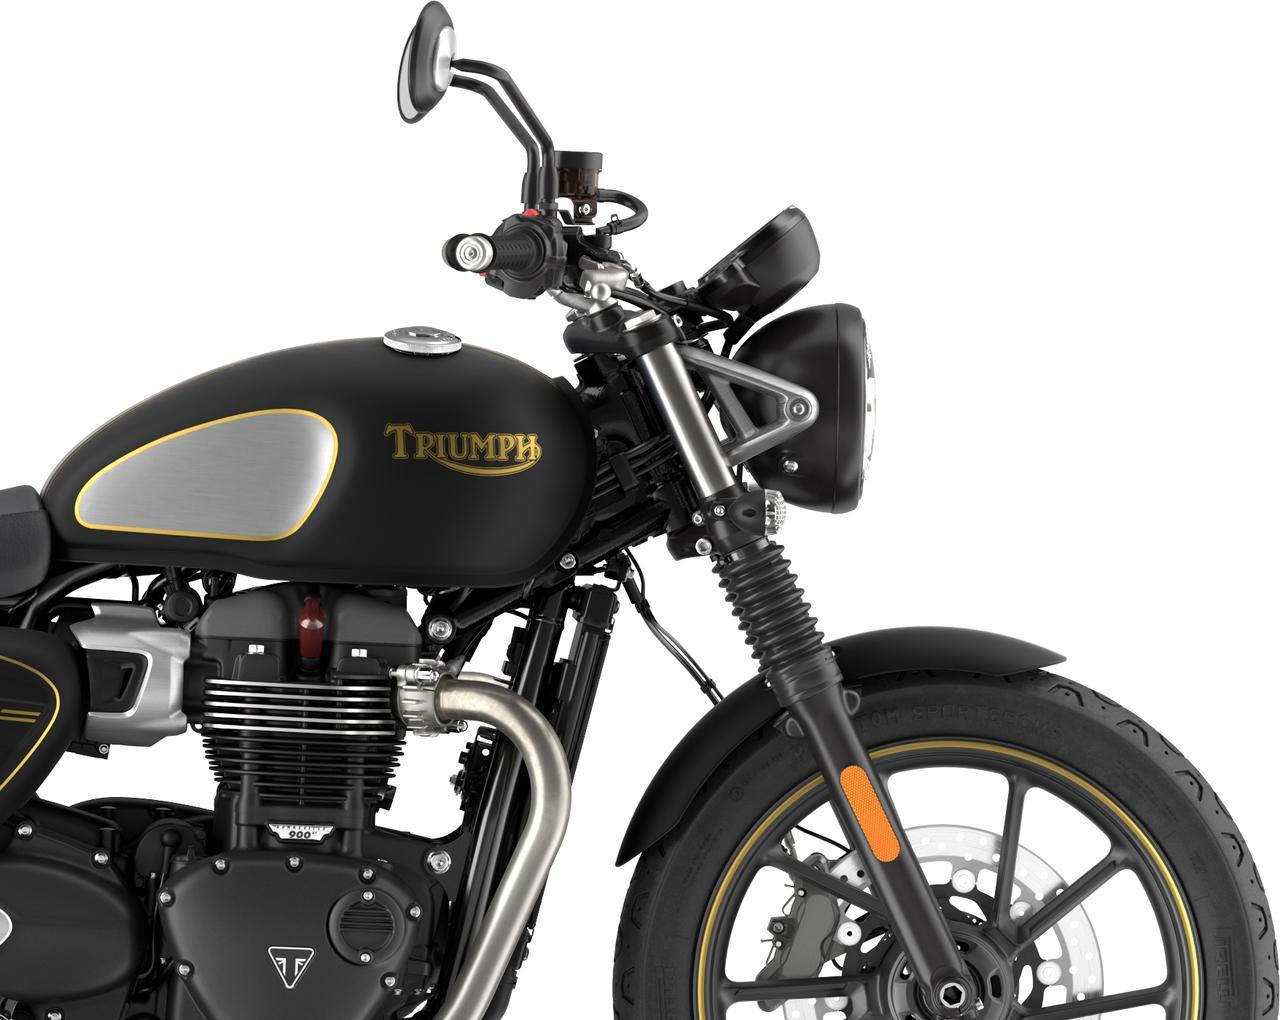 画像: トライアンフ「ストリートツイン」もモデルチェンジ! 限定1000台の特別仕様車も登場 - webオートバイ